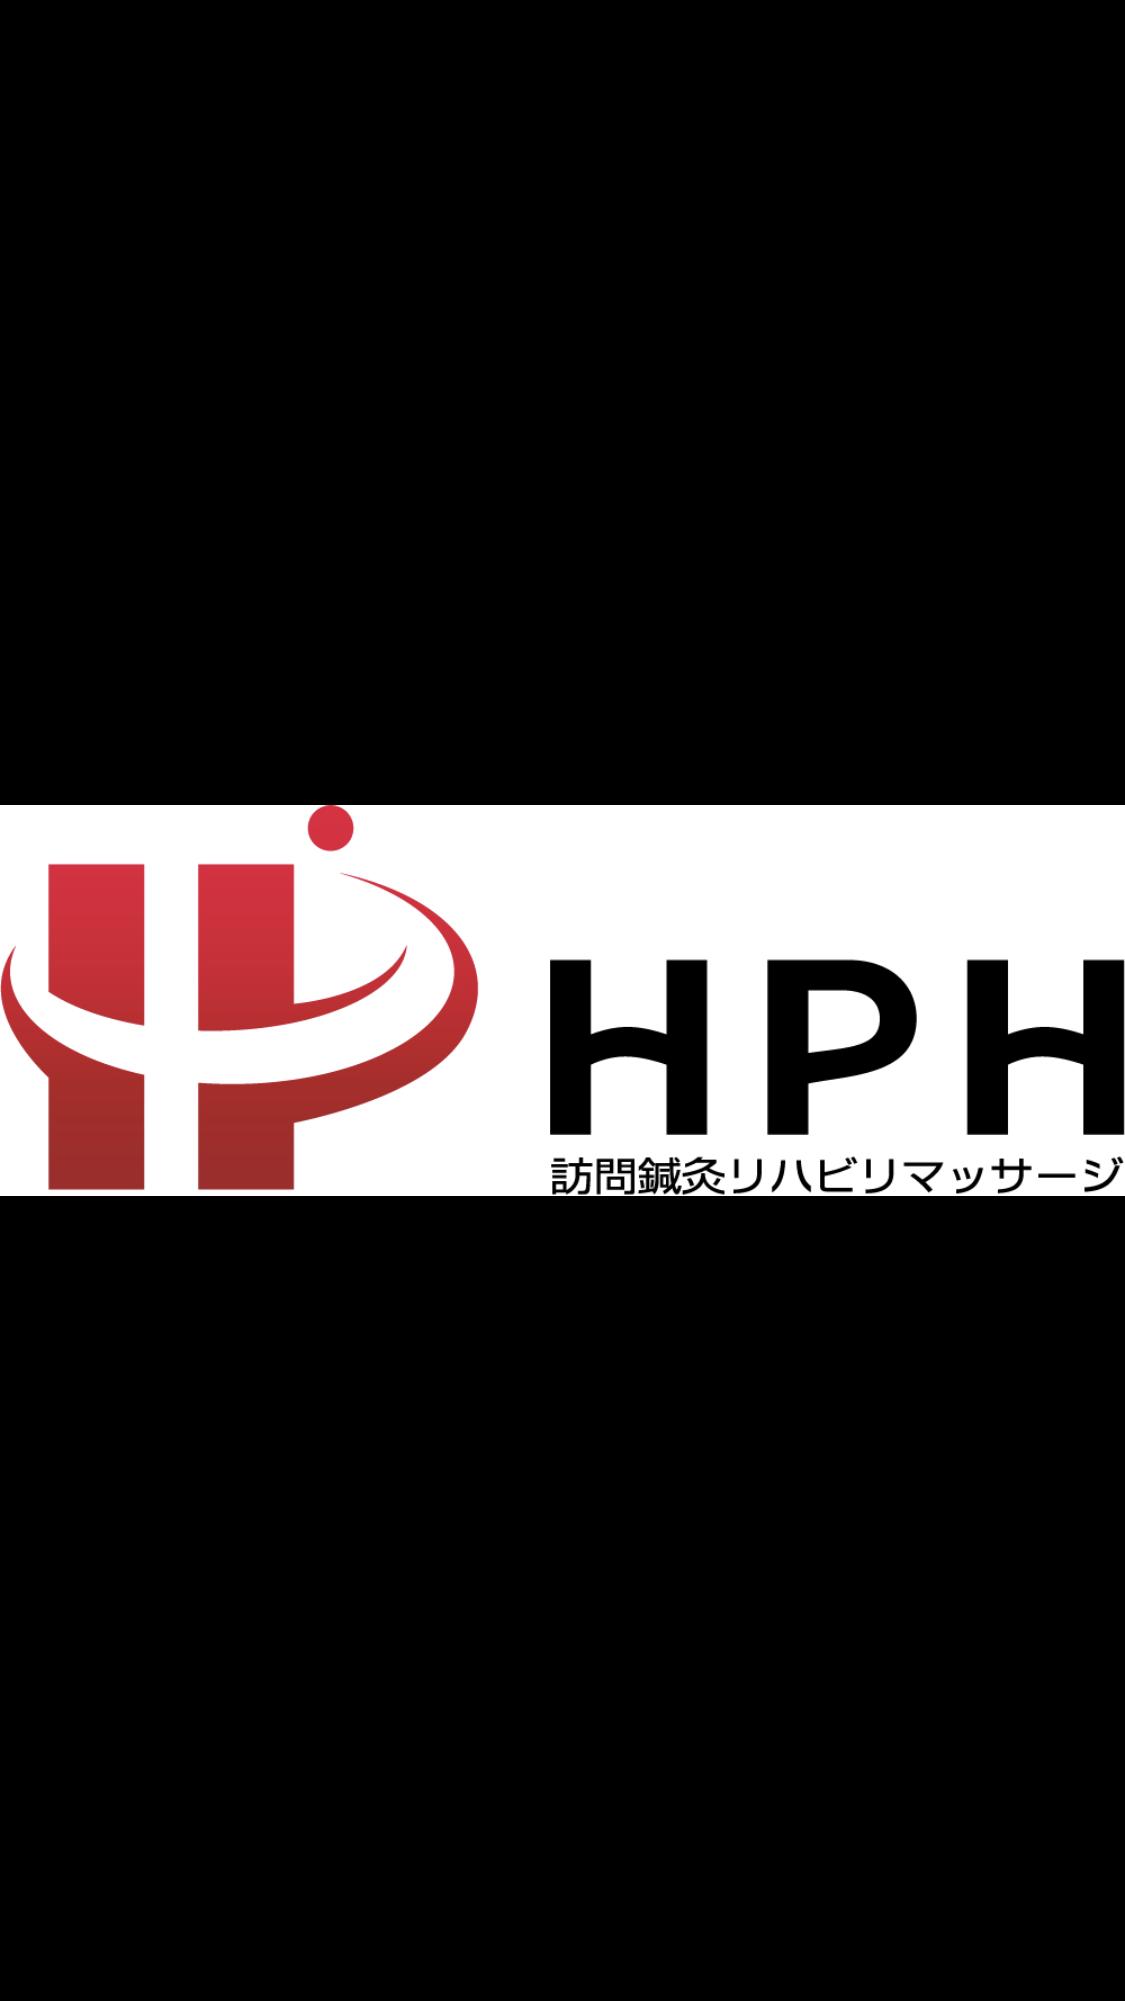 HPH 訪問鍼灸リハビリマッサージ